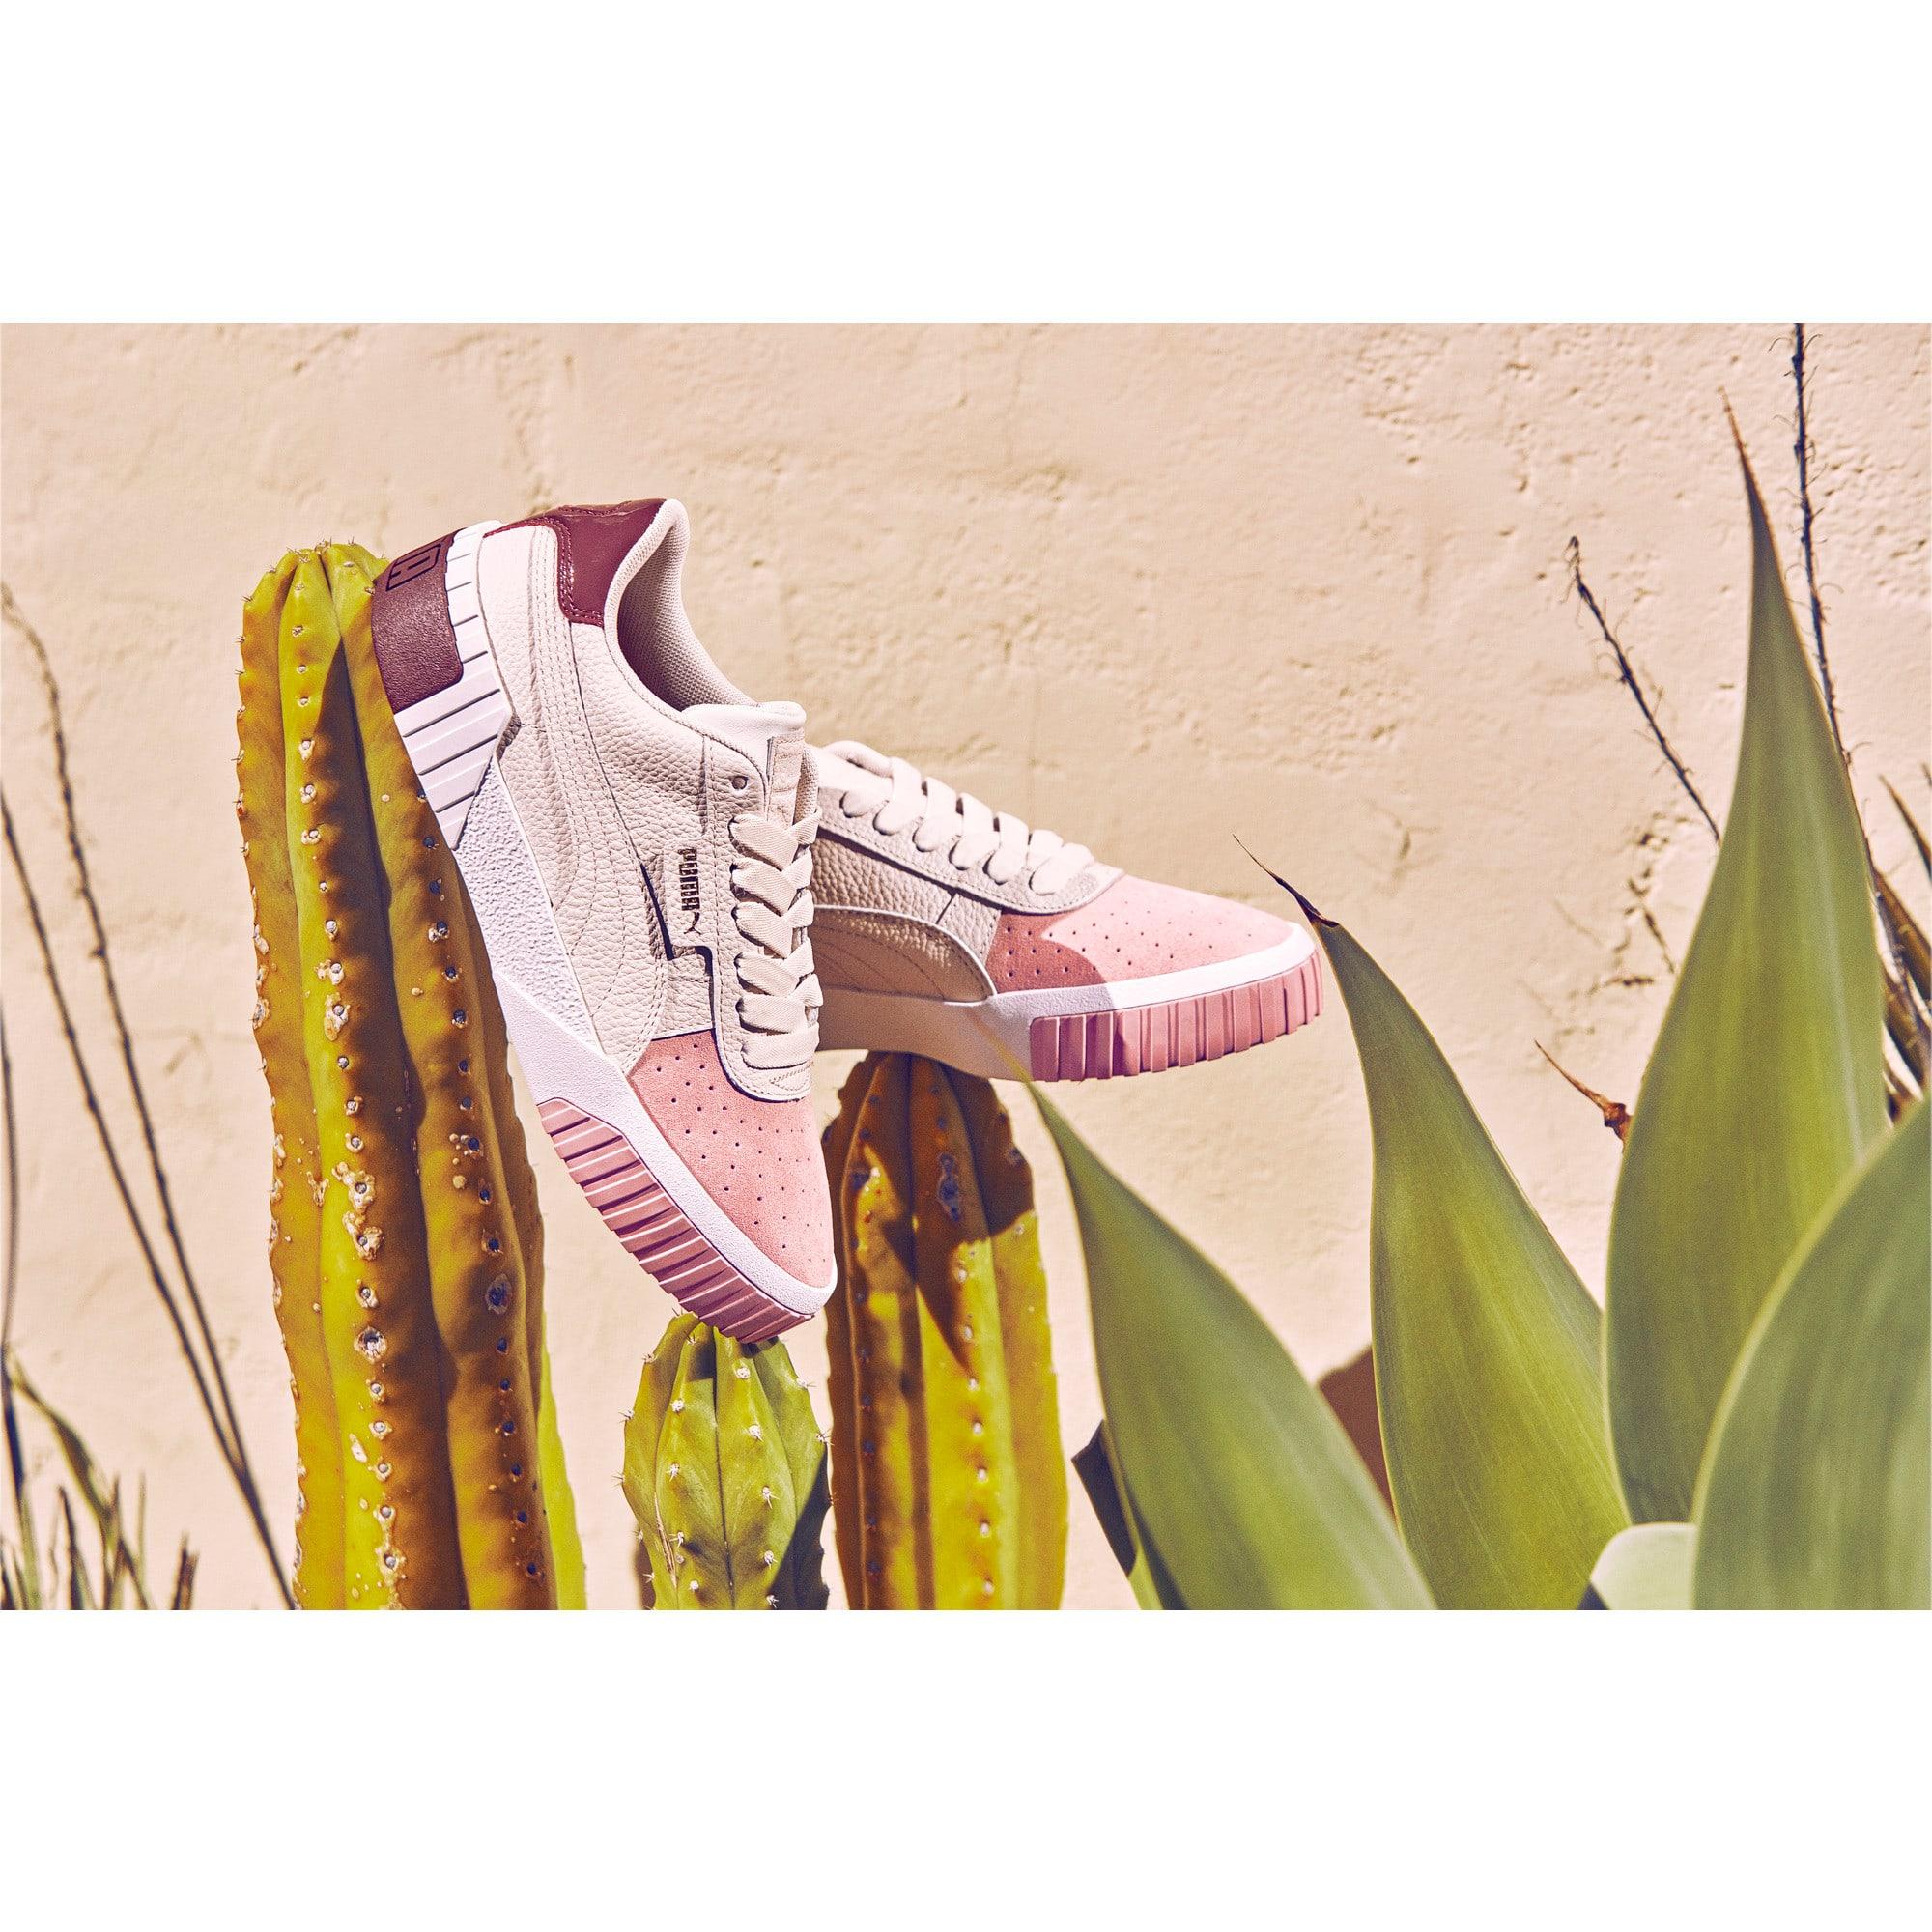 Thumbnail 9 of Cali Remix Women's Trainers, Pastel Parchment-Bridal Rose, medium